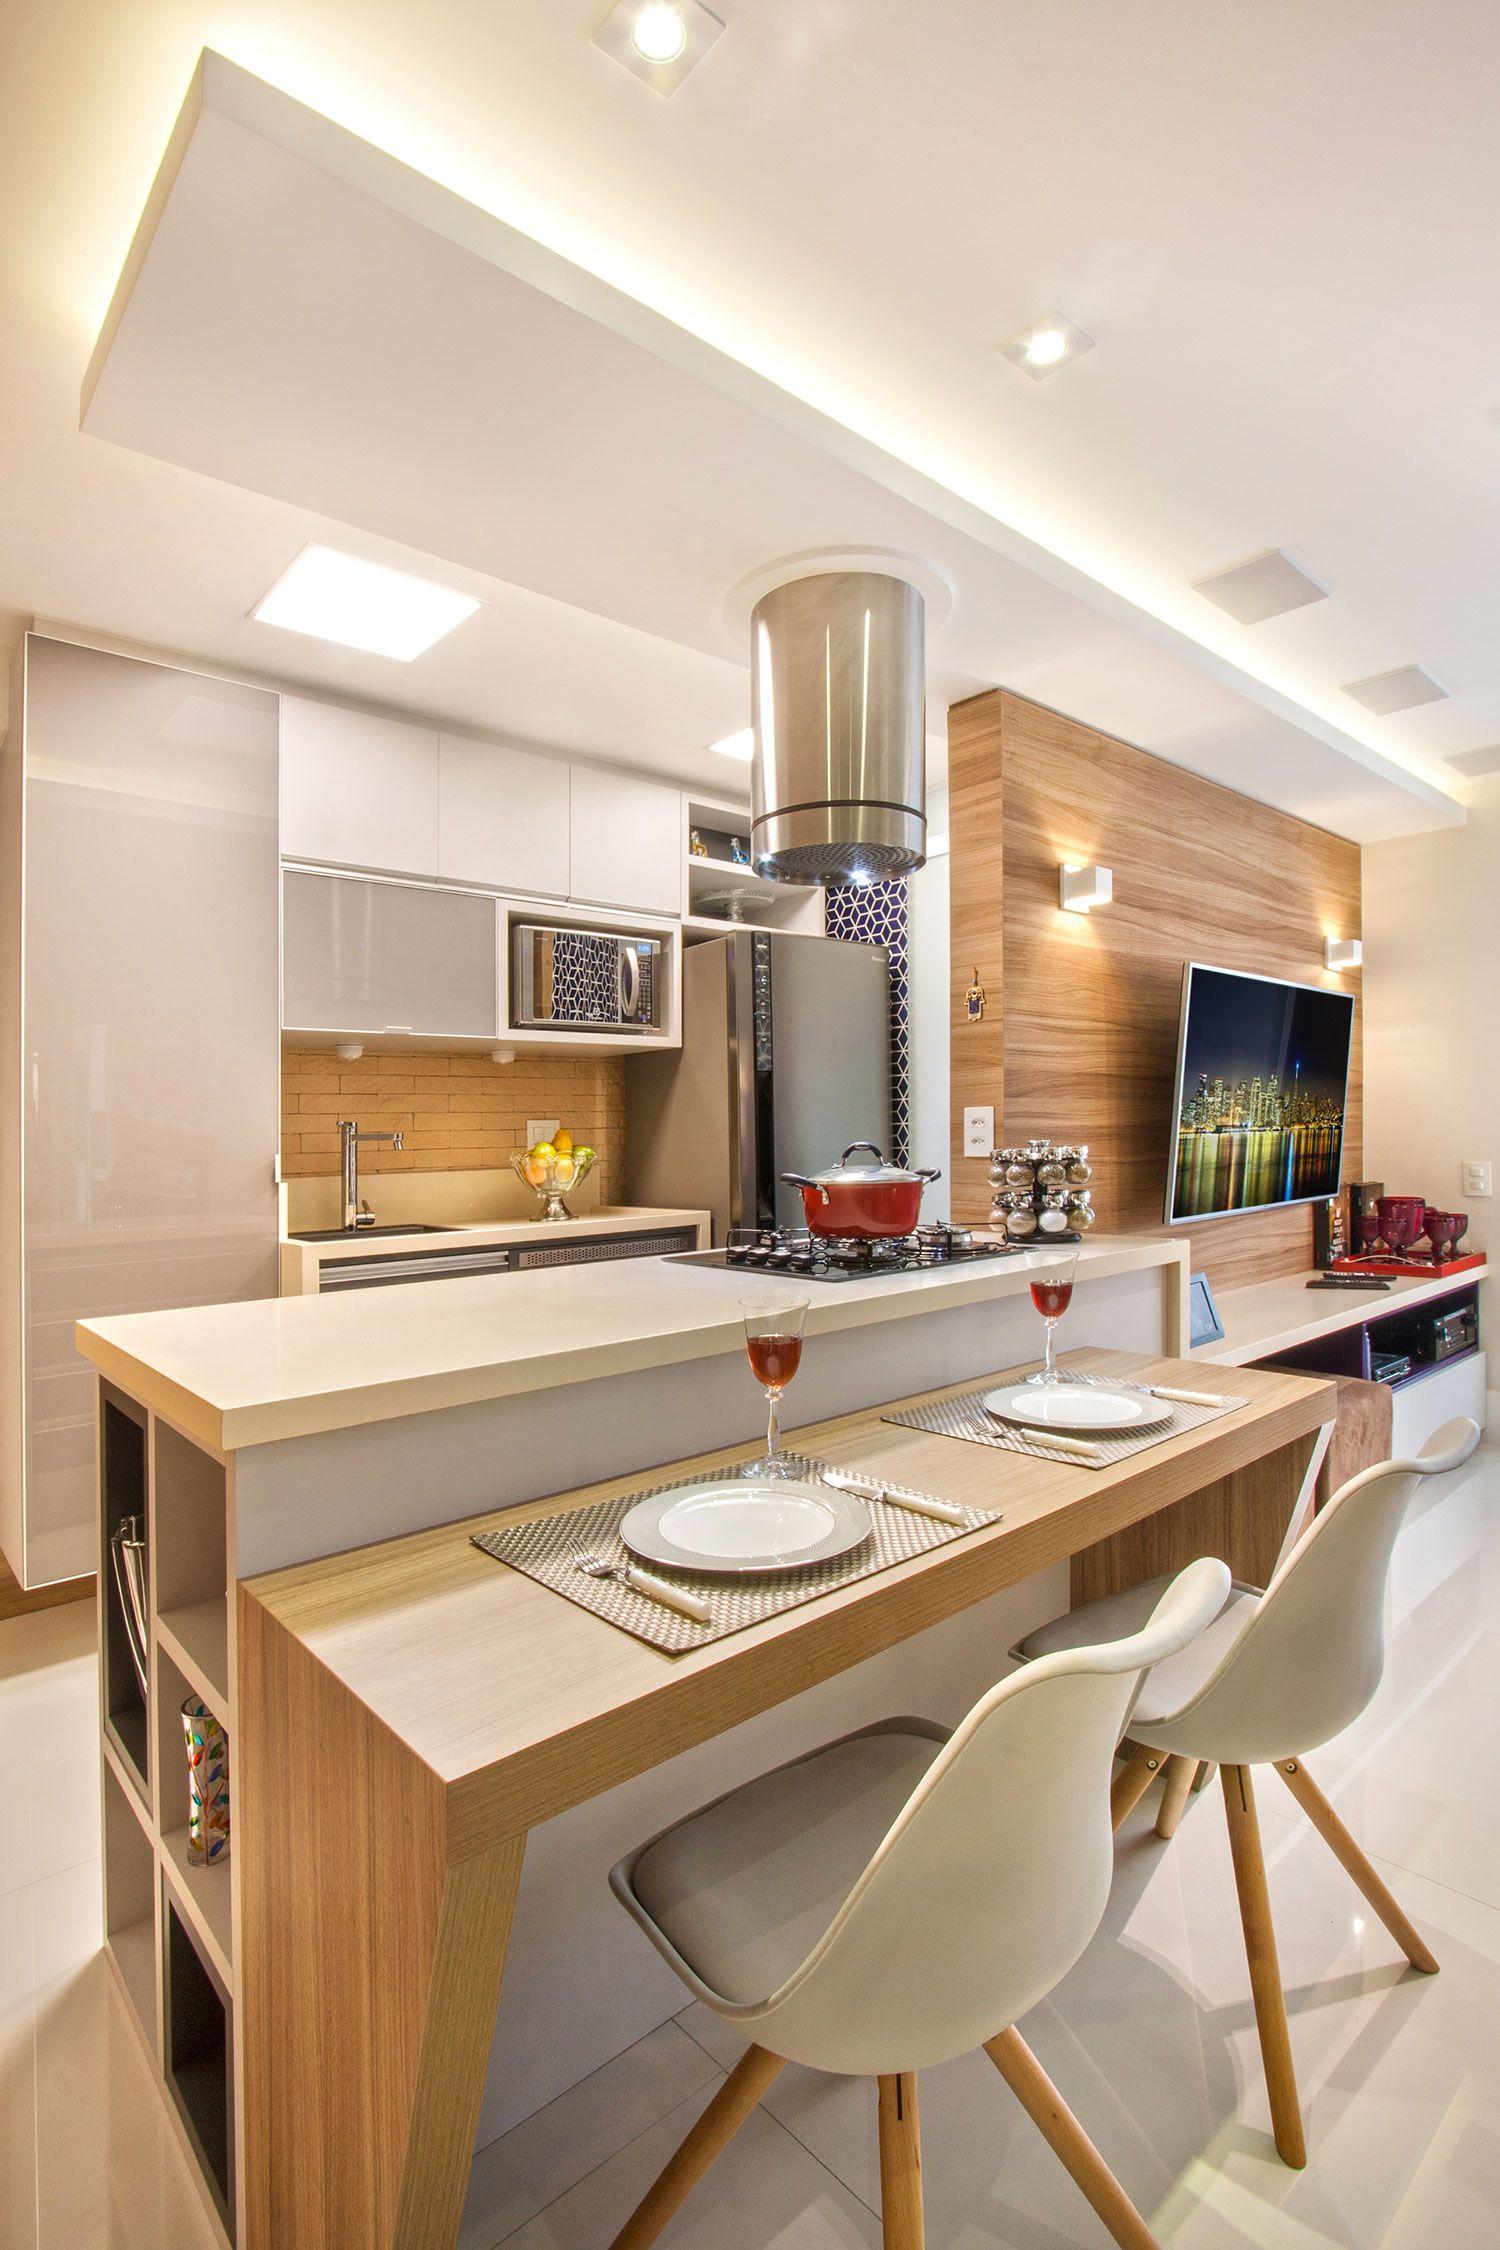 Cozinha Clean 60 Modelos E Projetos Incr Veis Furniture